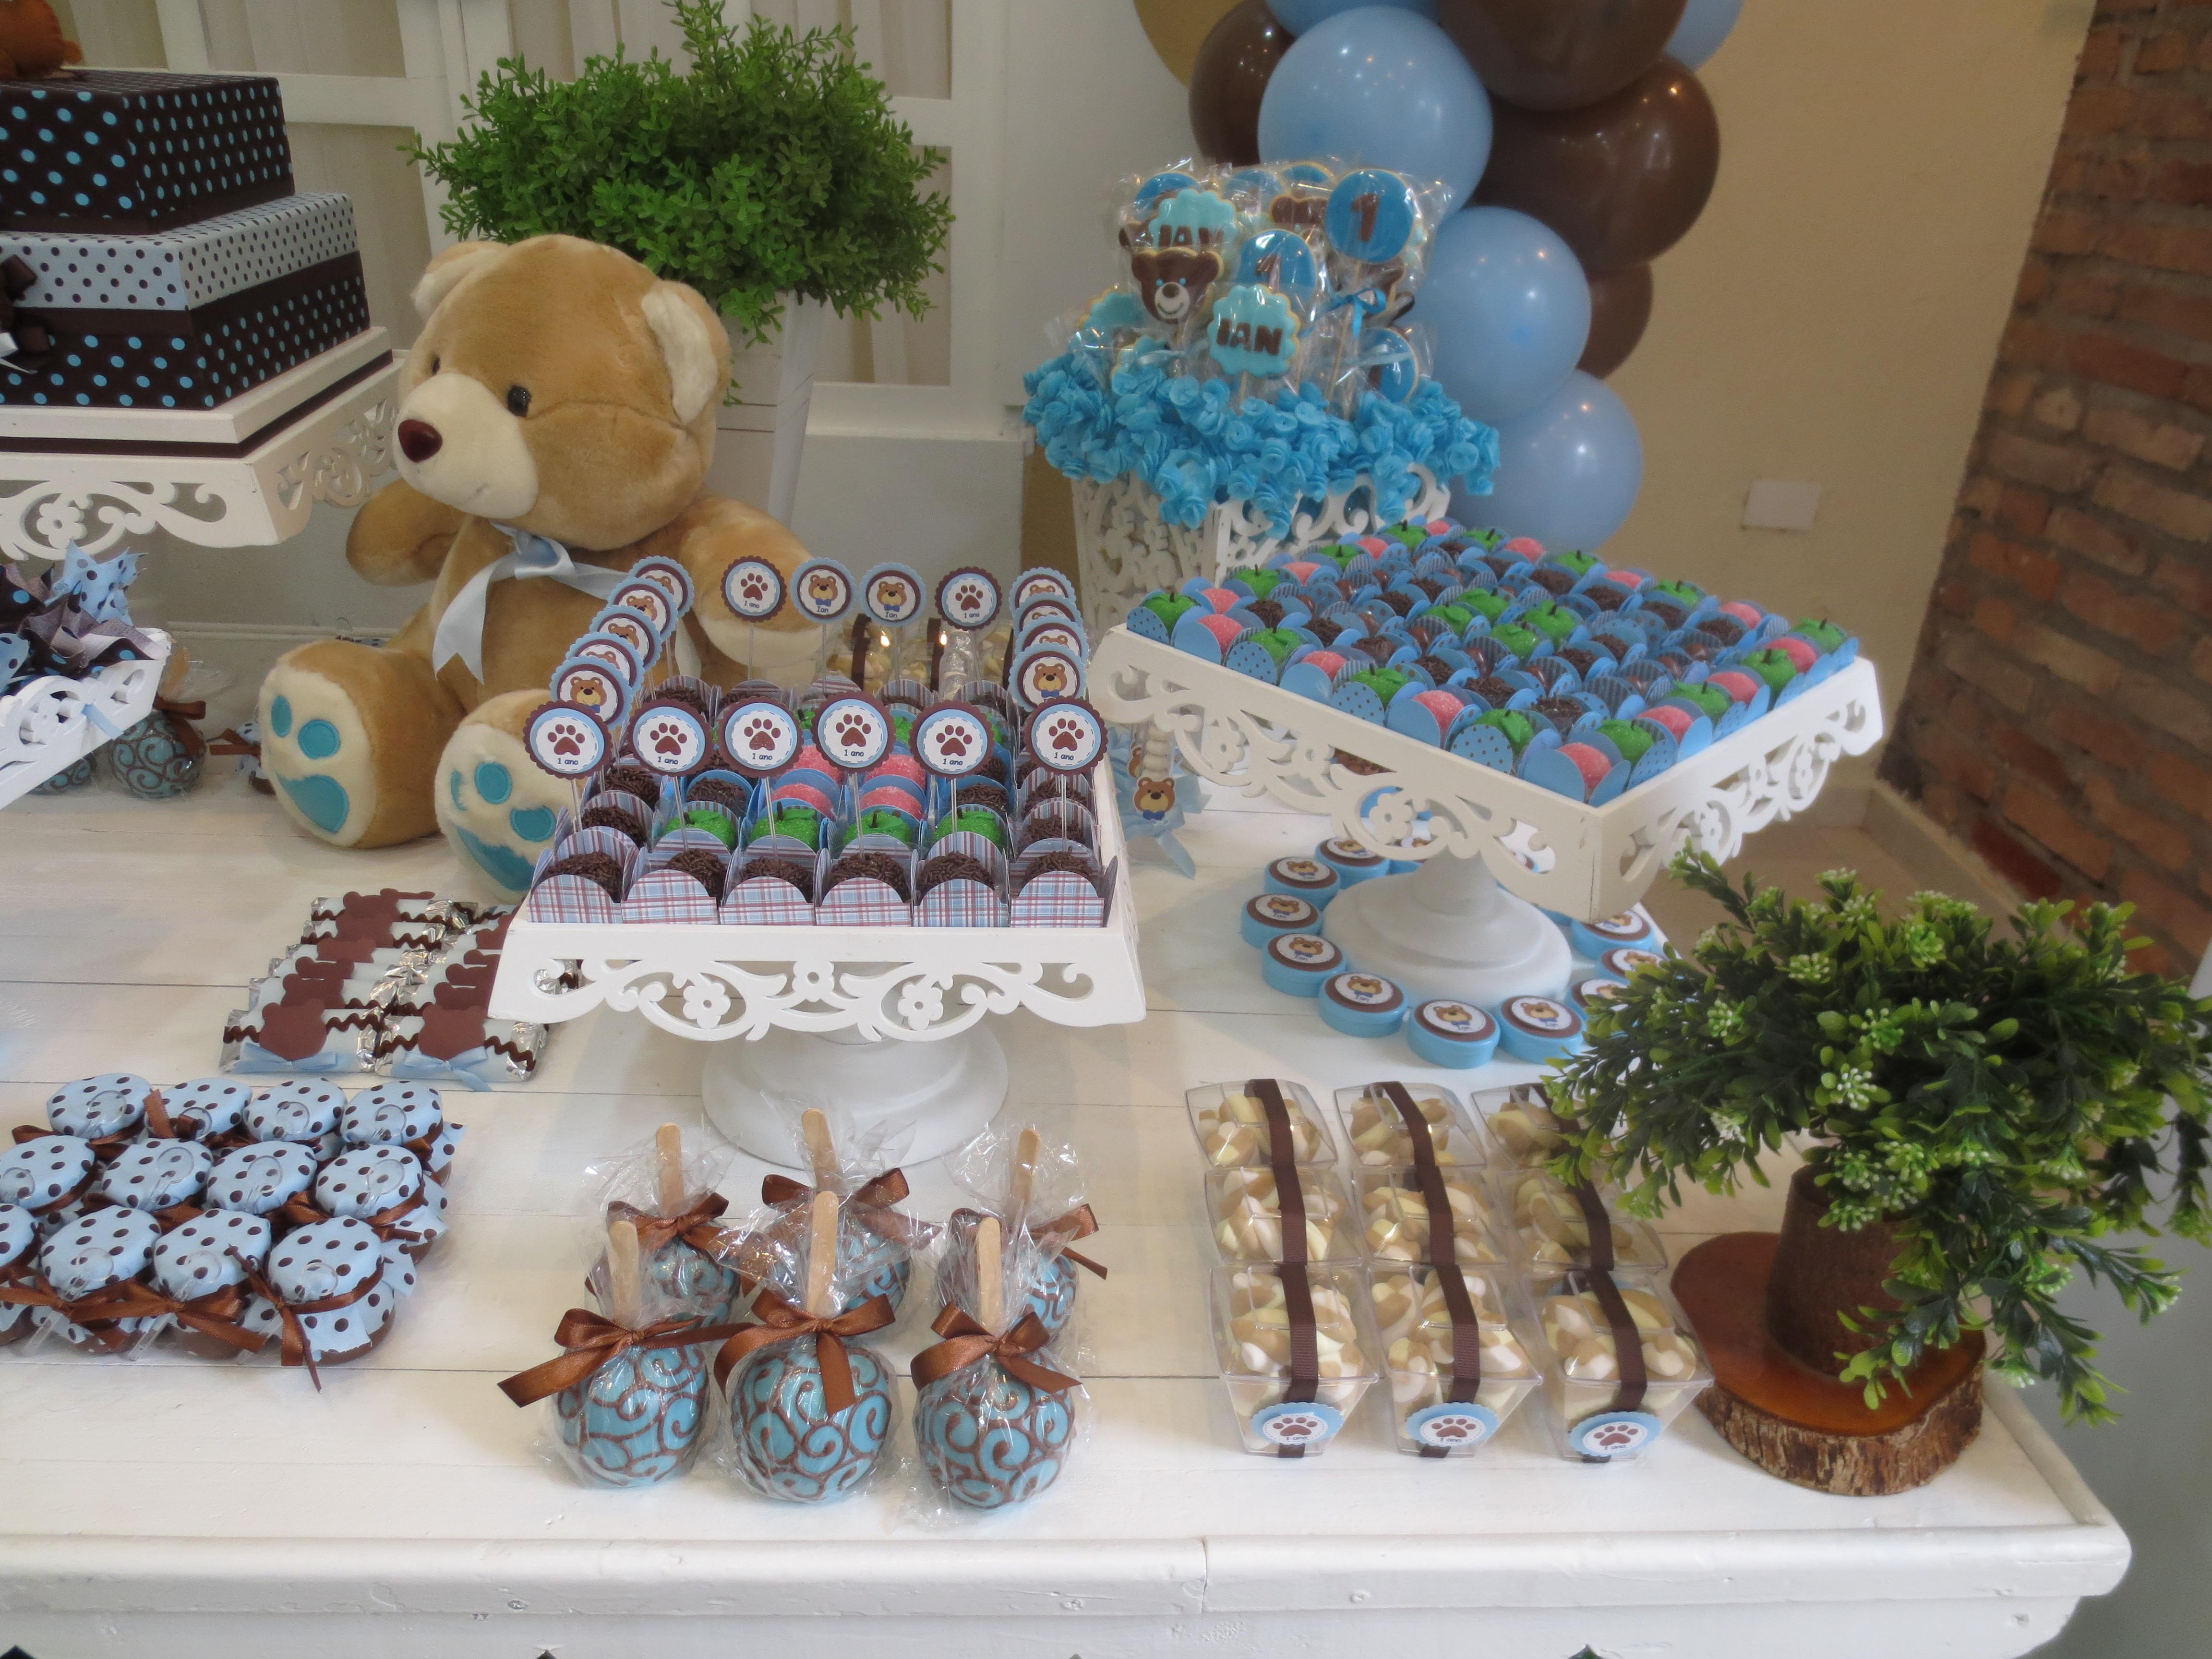 decoracao festa urso azul e marrom: -urso-marrom-e-azul festa-personalizada-urso-marrom-e-azul